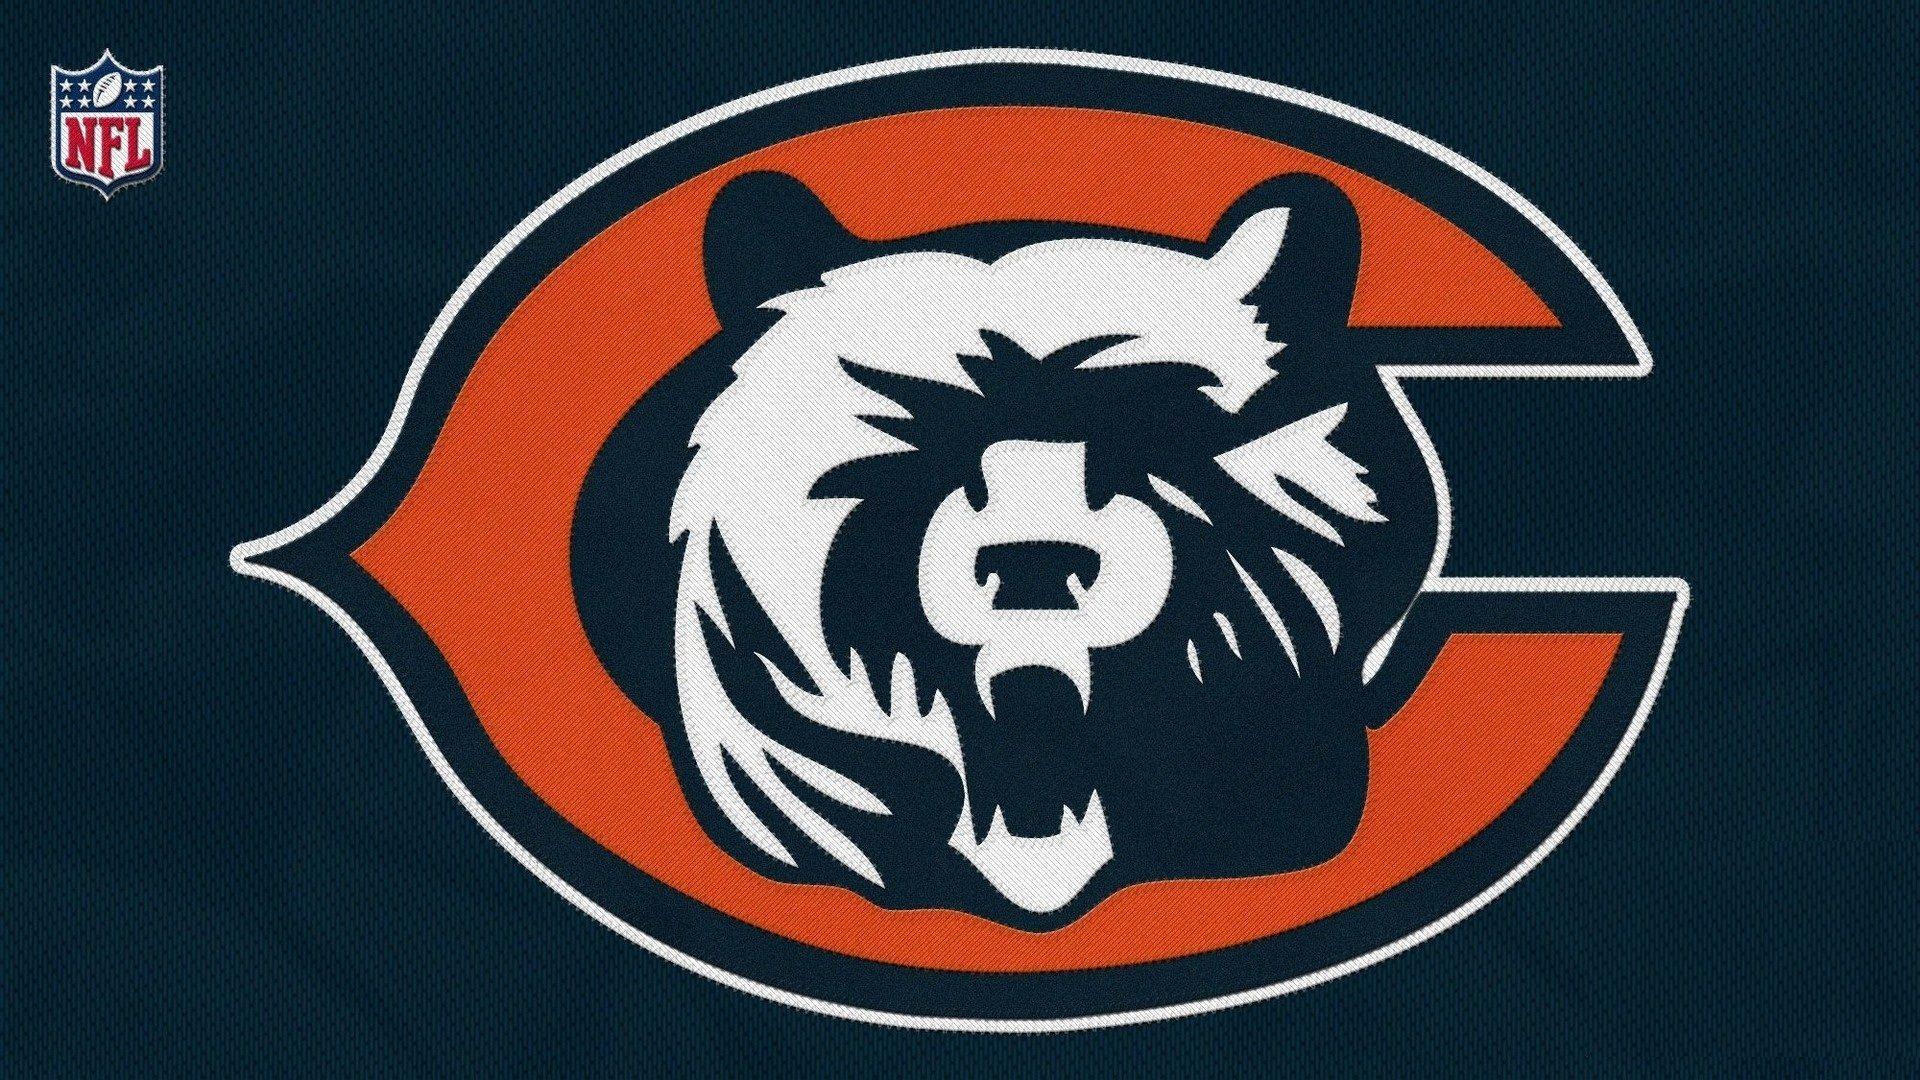 Chicago Bears For Desktop Wallpaper Chicago Bears Wallpaper Nfl Football Wallpaper Chicago Bears